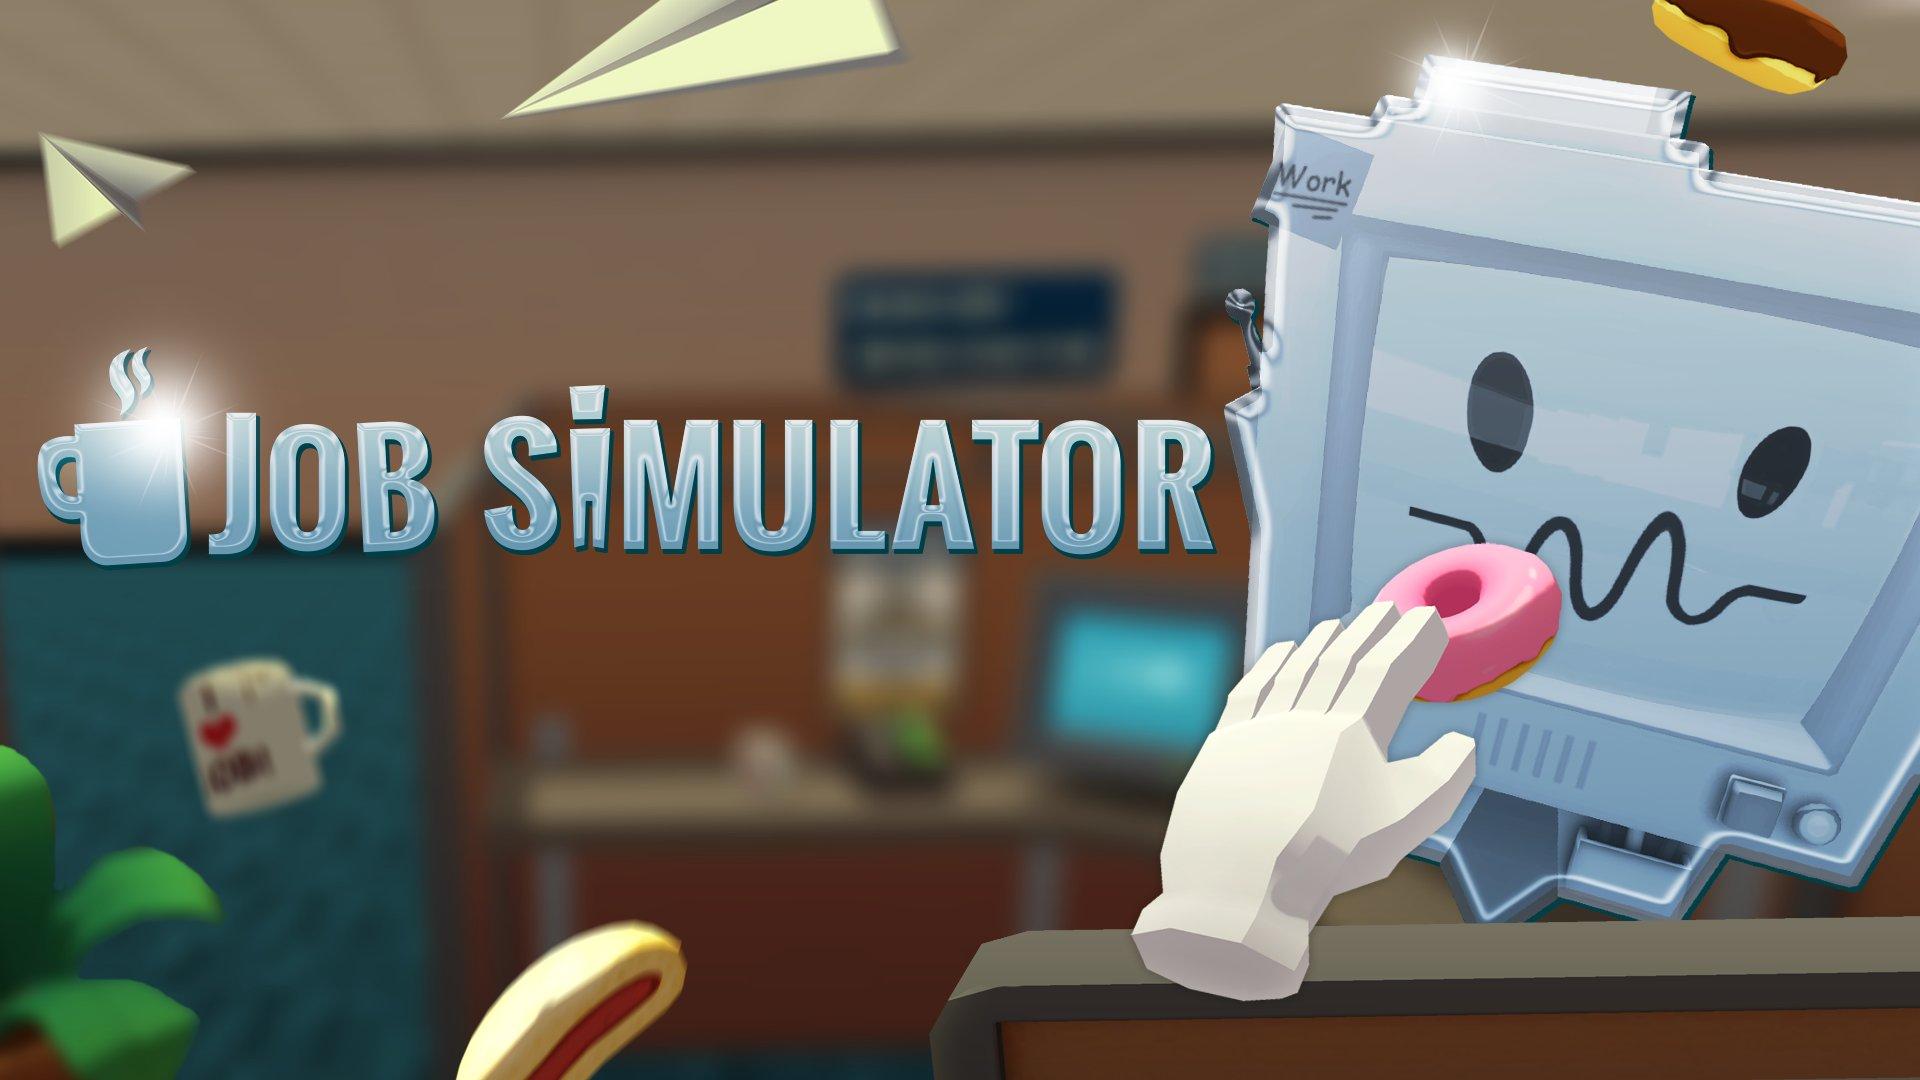 Продажи VR игры Job Simulator превысили 1 млн копий.